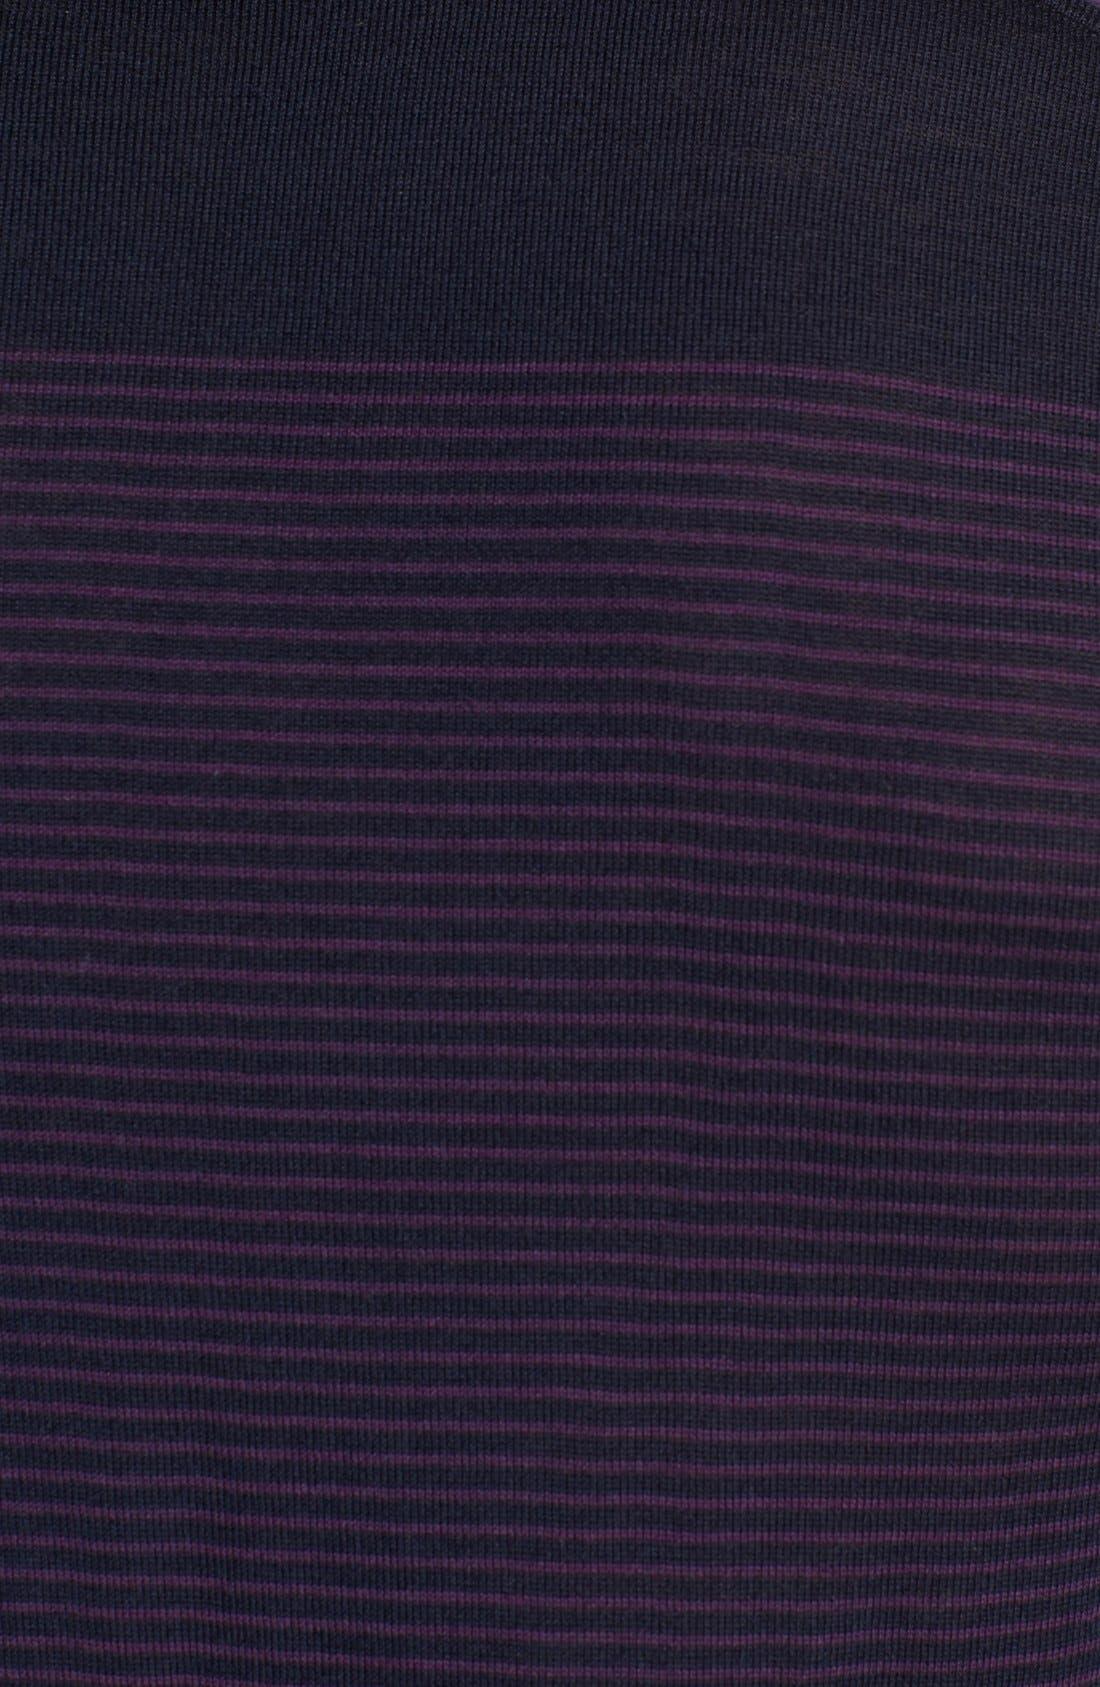 Alternate Image 3  - BOSS HUGO BOSS 'Merro' Merino Wool Sweater